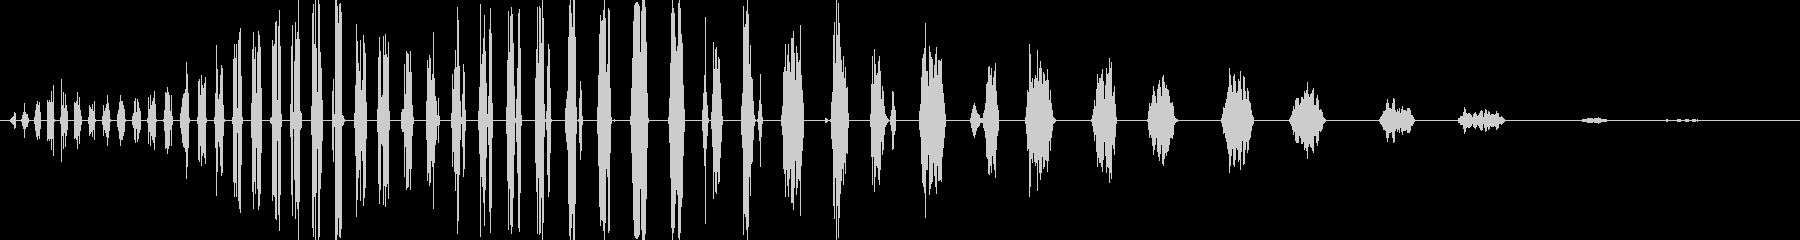 ショートザップの未再生の波形